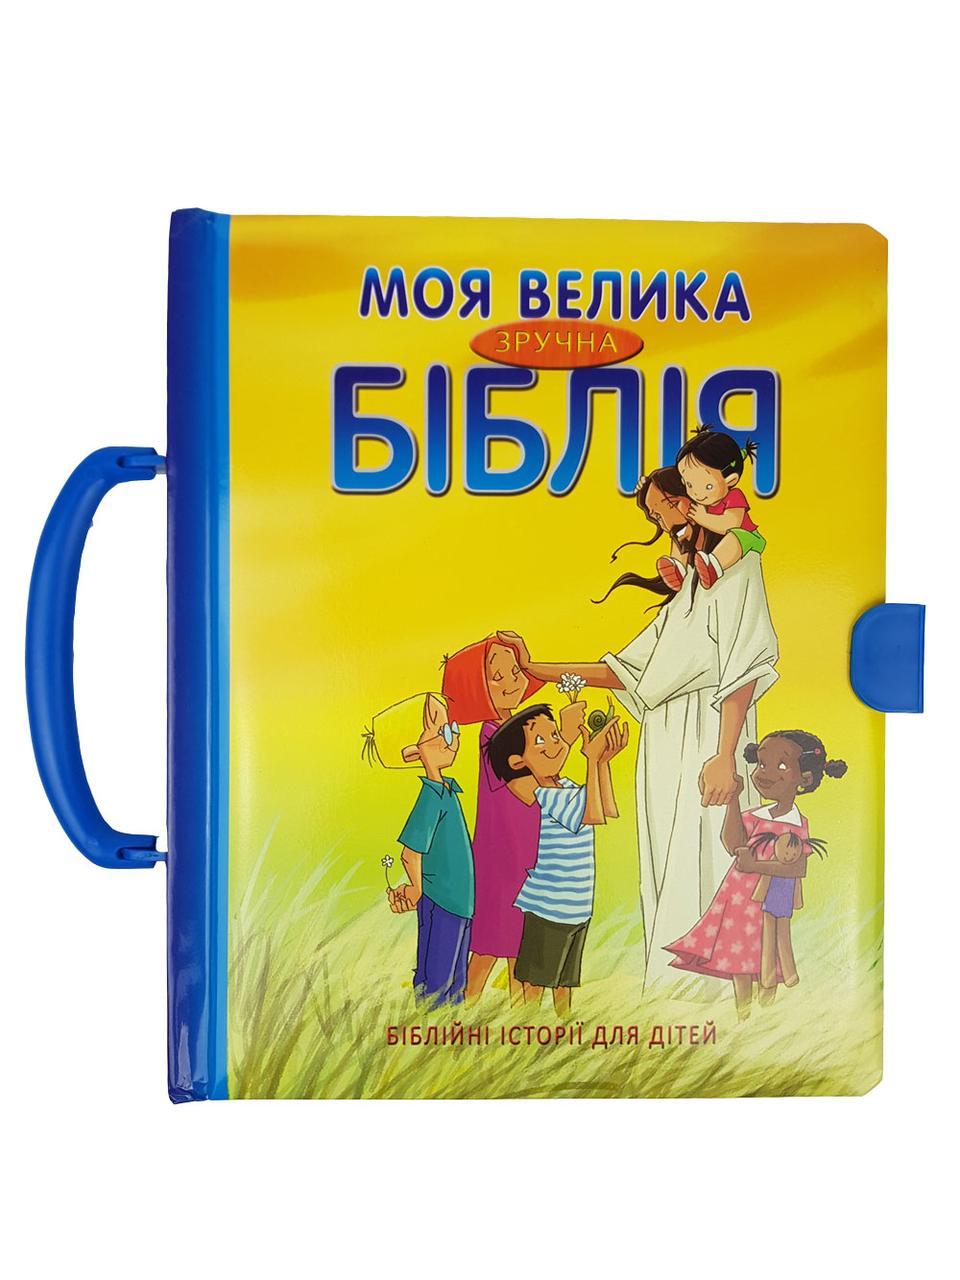 Моя велика зручна Біблія. Біблійні історії для дітей